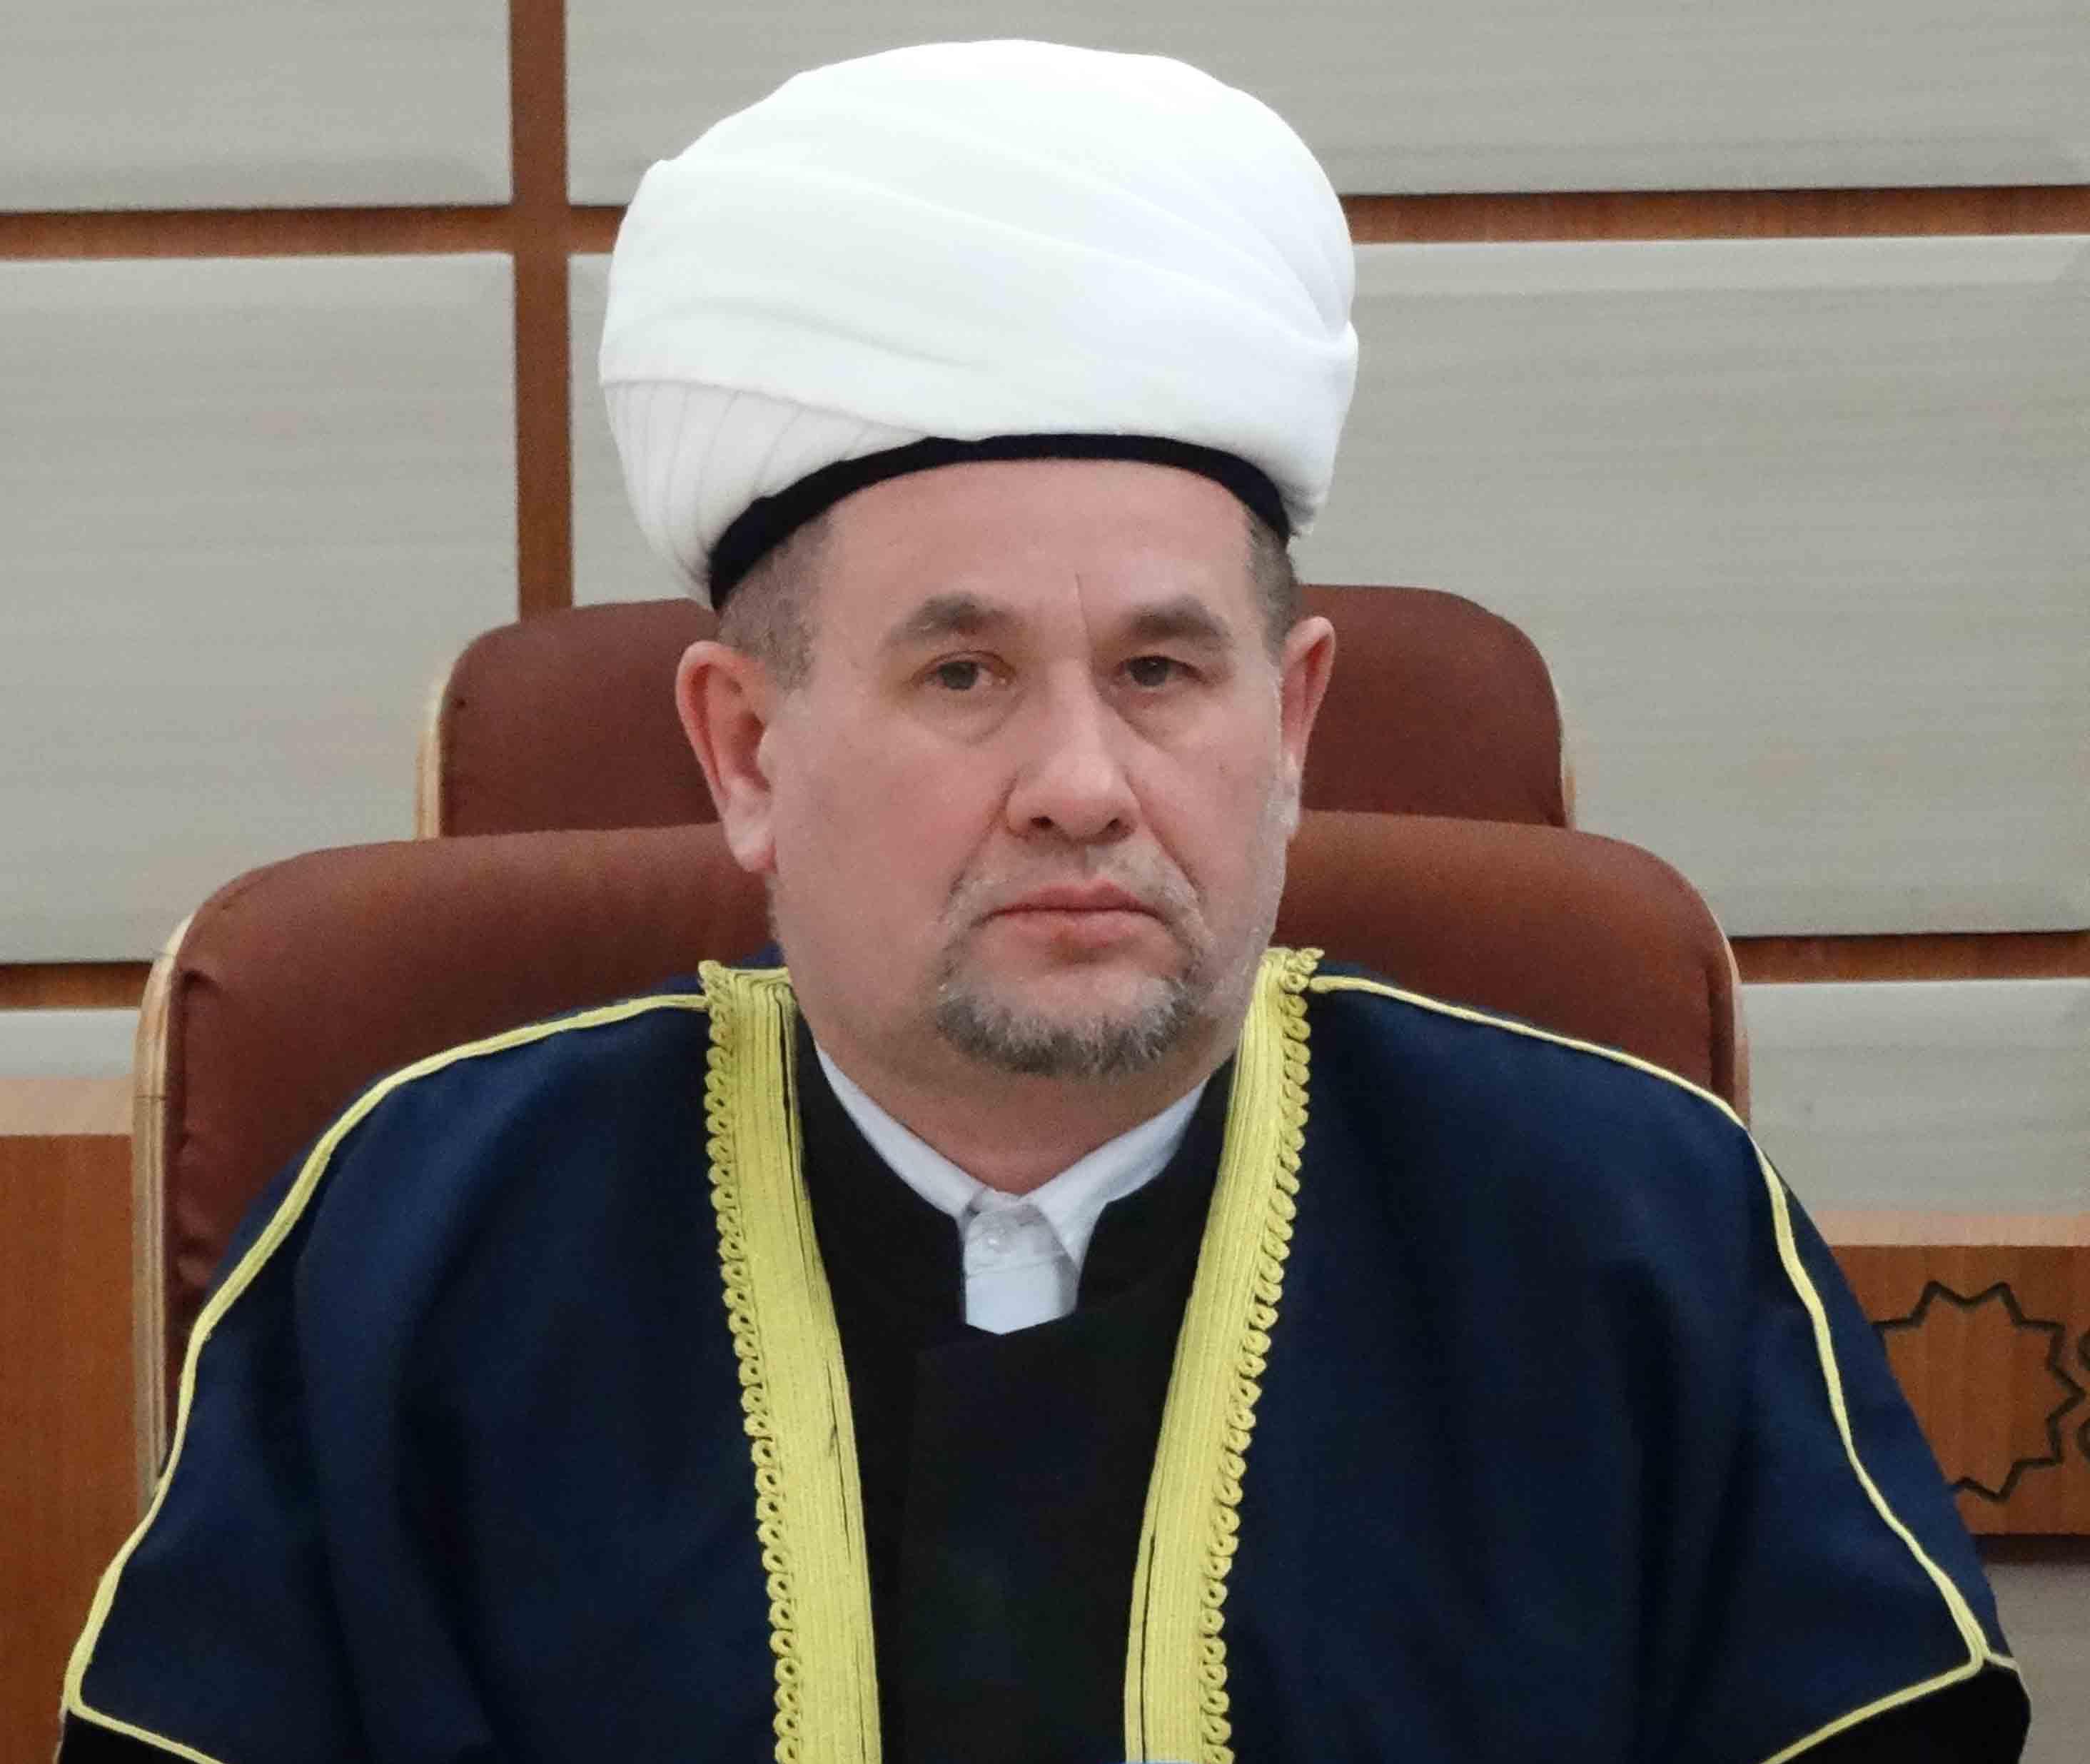 Неизвестные дважды взломали квартиру муфтия Коми Валиахмада Гаязова